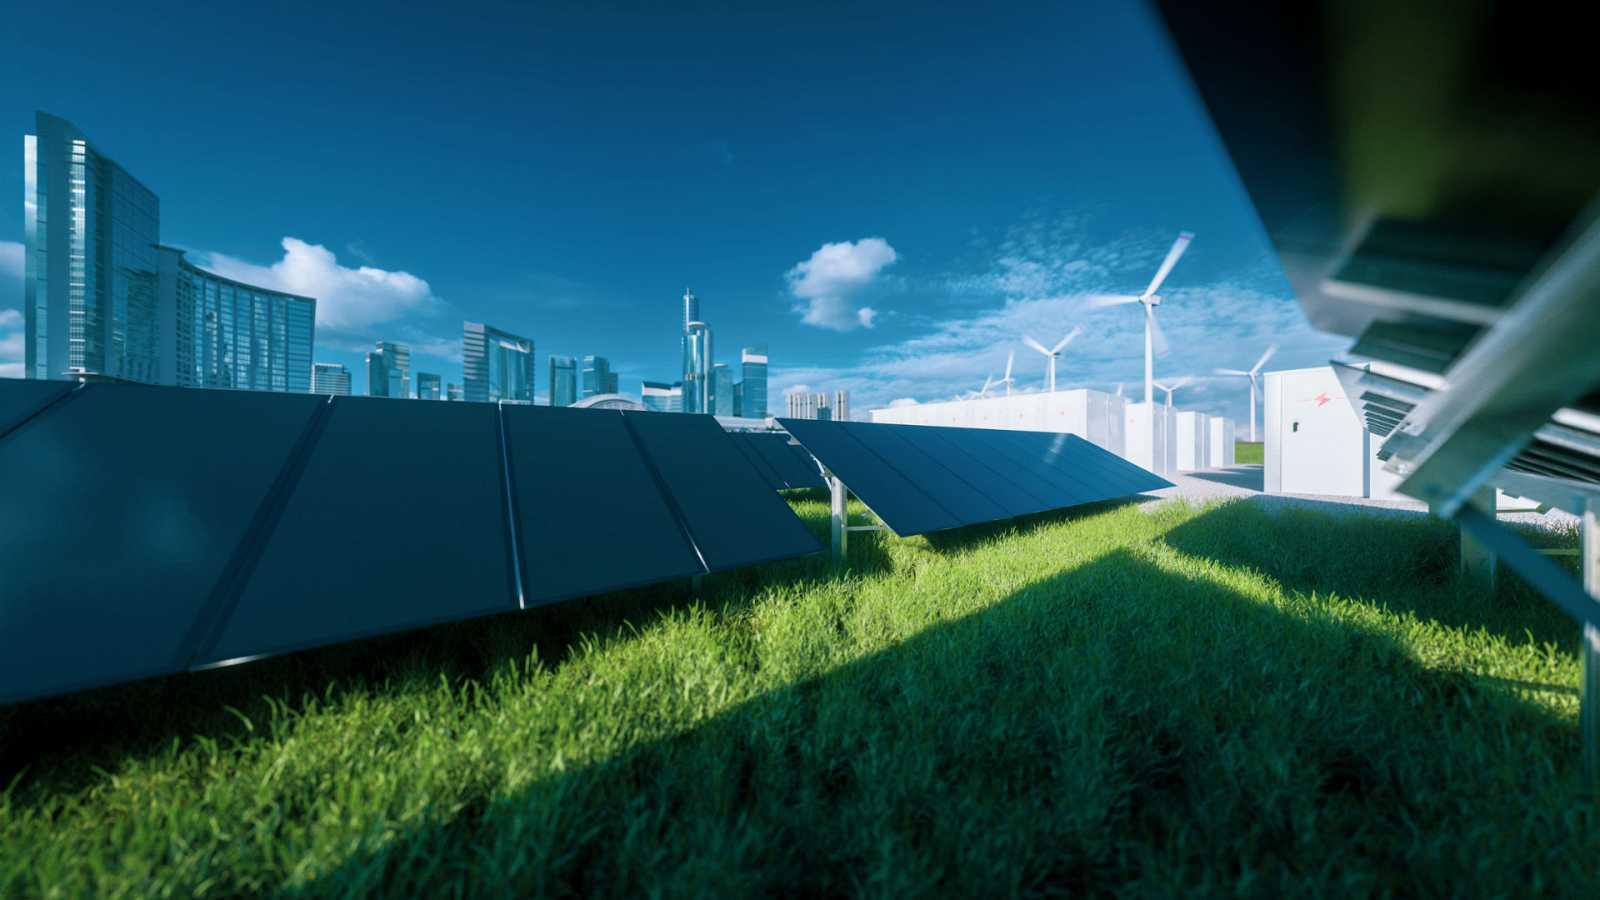 Sostenible y renovable en Radio 5 - Ciudades inteligentes y sostenibles - 21/01/20 - escuchar ahora